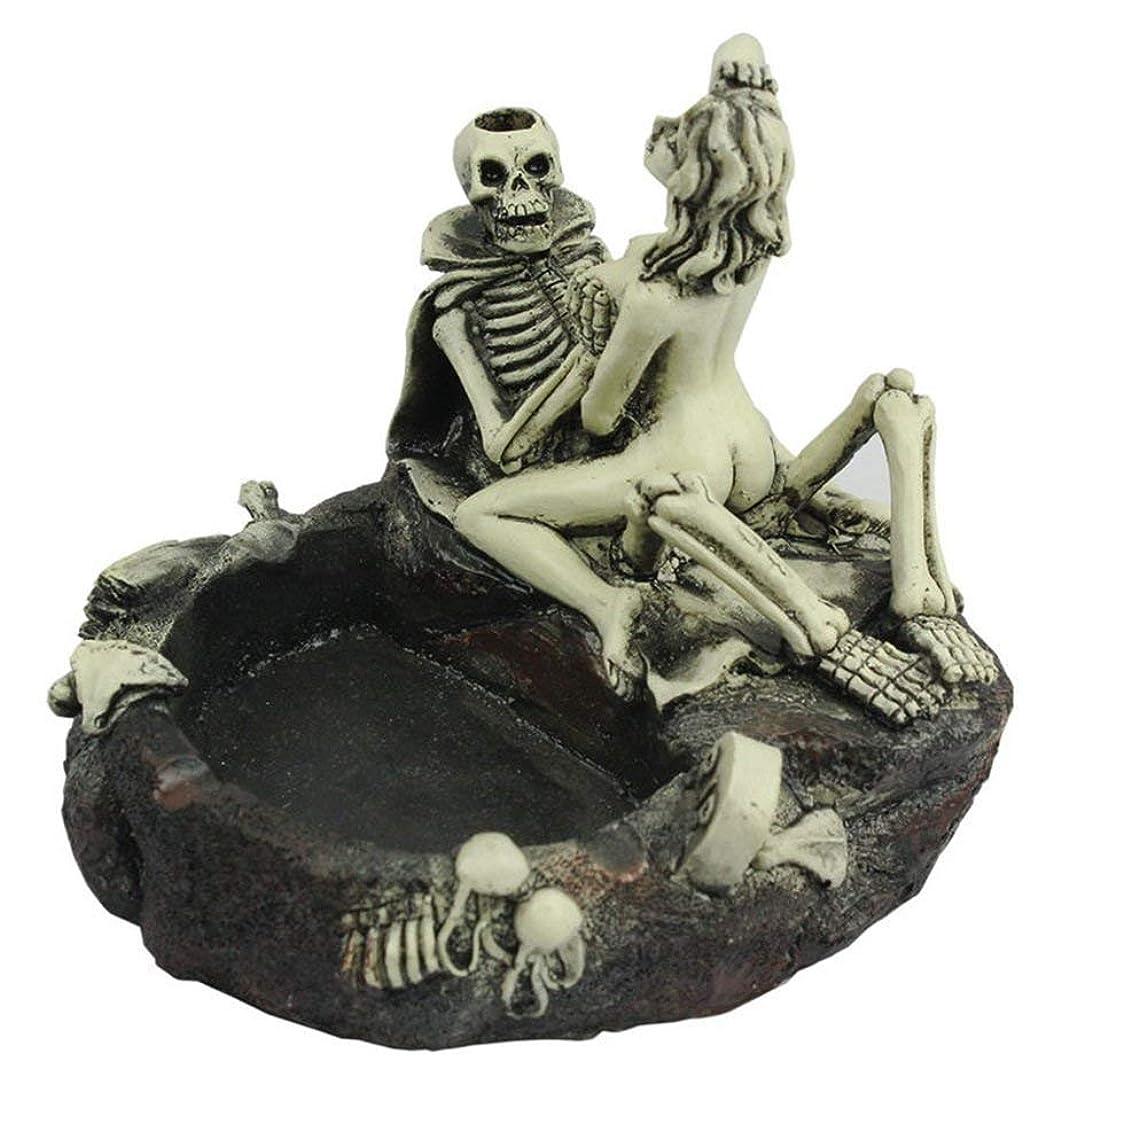 絶え間ない調子盆創造的な人格スケルトンのテーマ灰皿のスケルトン美しさの楽しい灰皿ボーイフレンドの楽しい装飾のギフトを送る